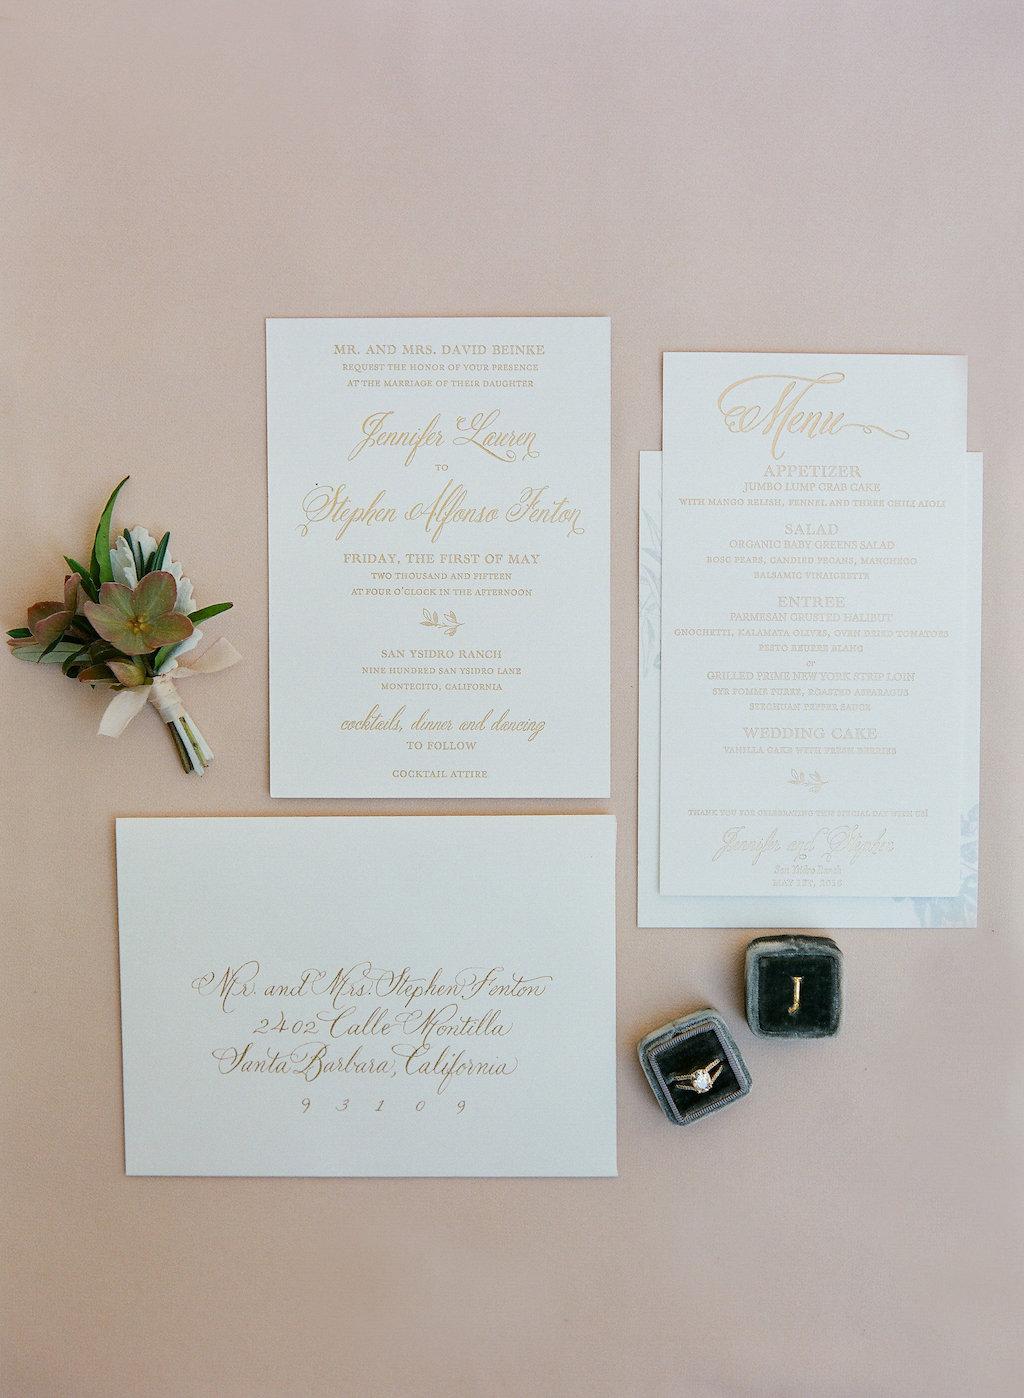 www.santabarbarawedding | Wedding Invitation | Invitations | San Ysidro Ranch Wedding Invitation